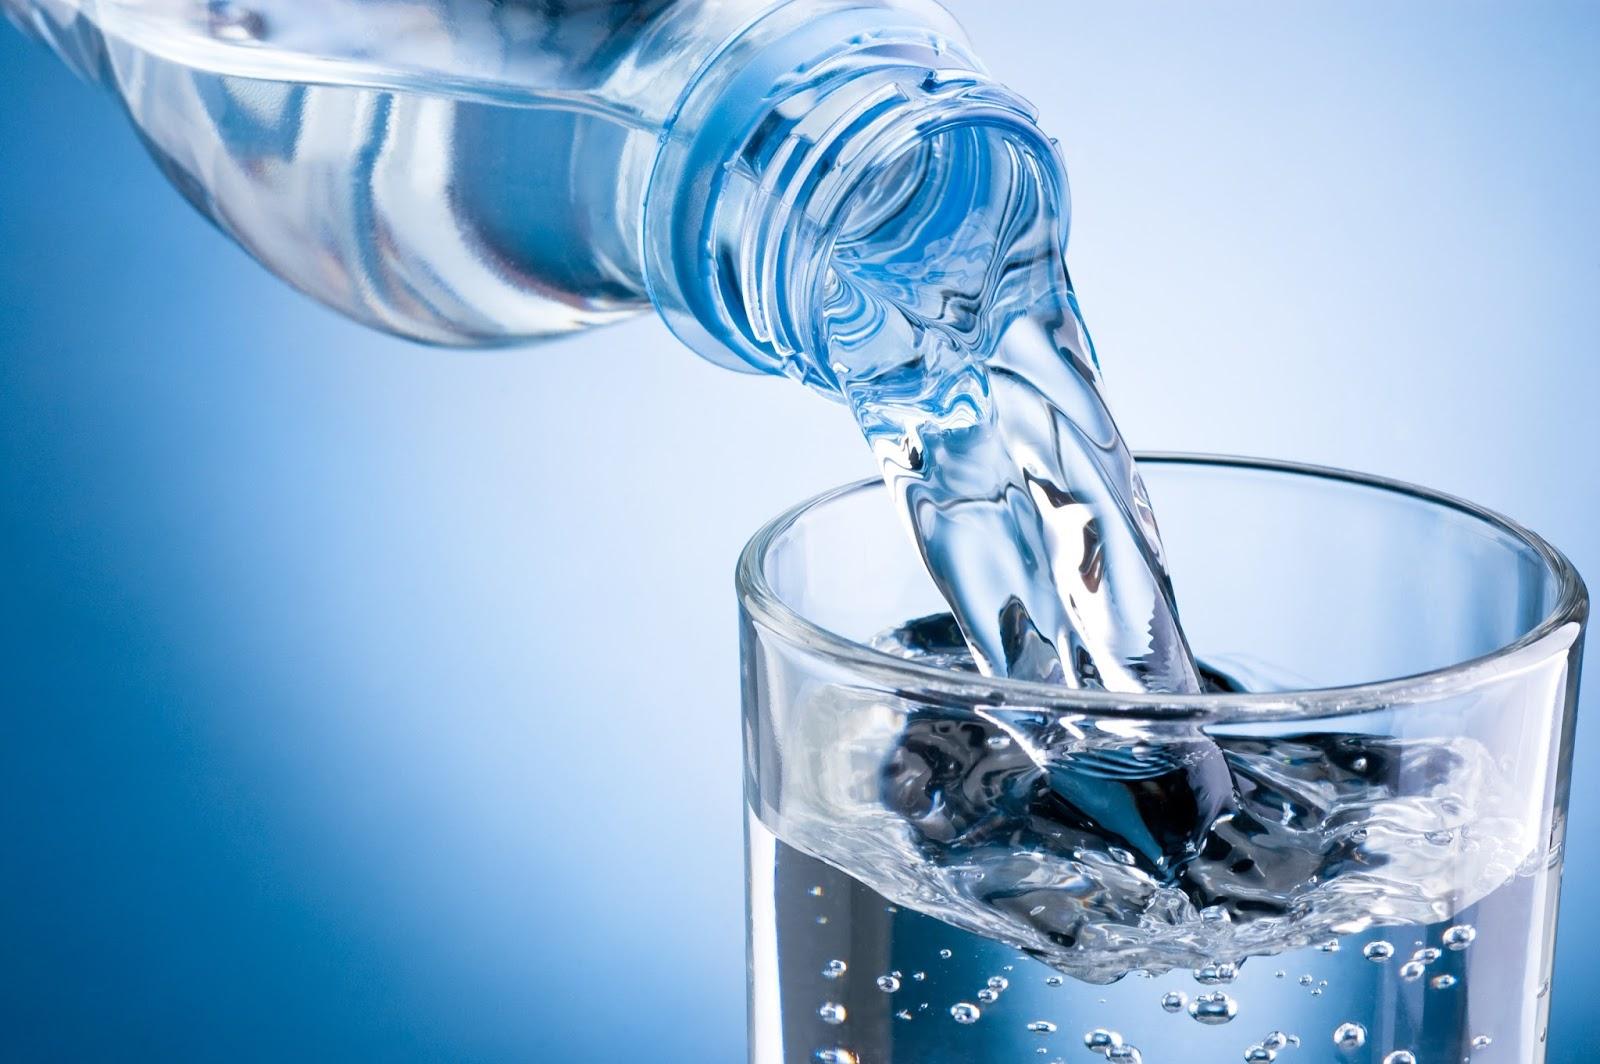 فوائد الماء الدافيء